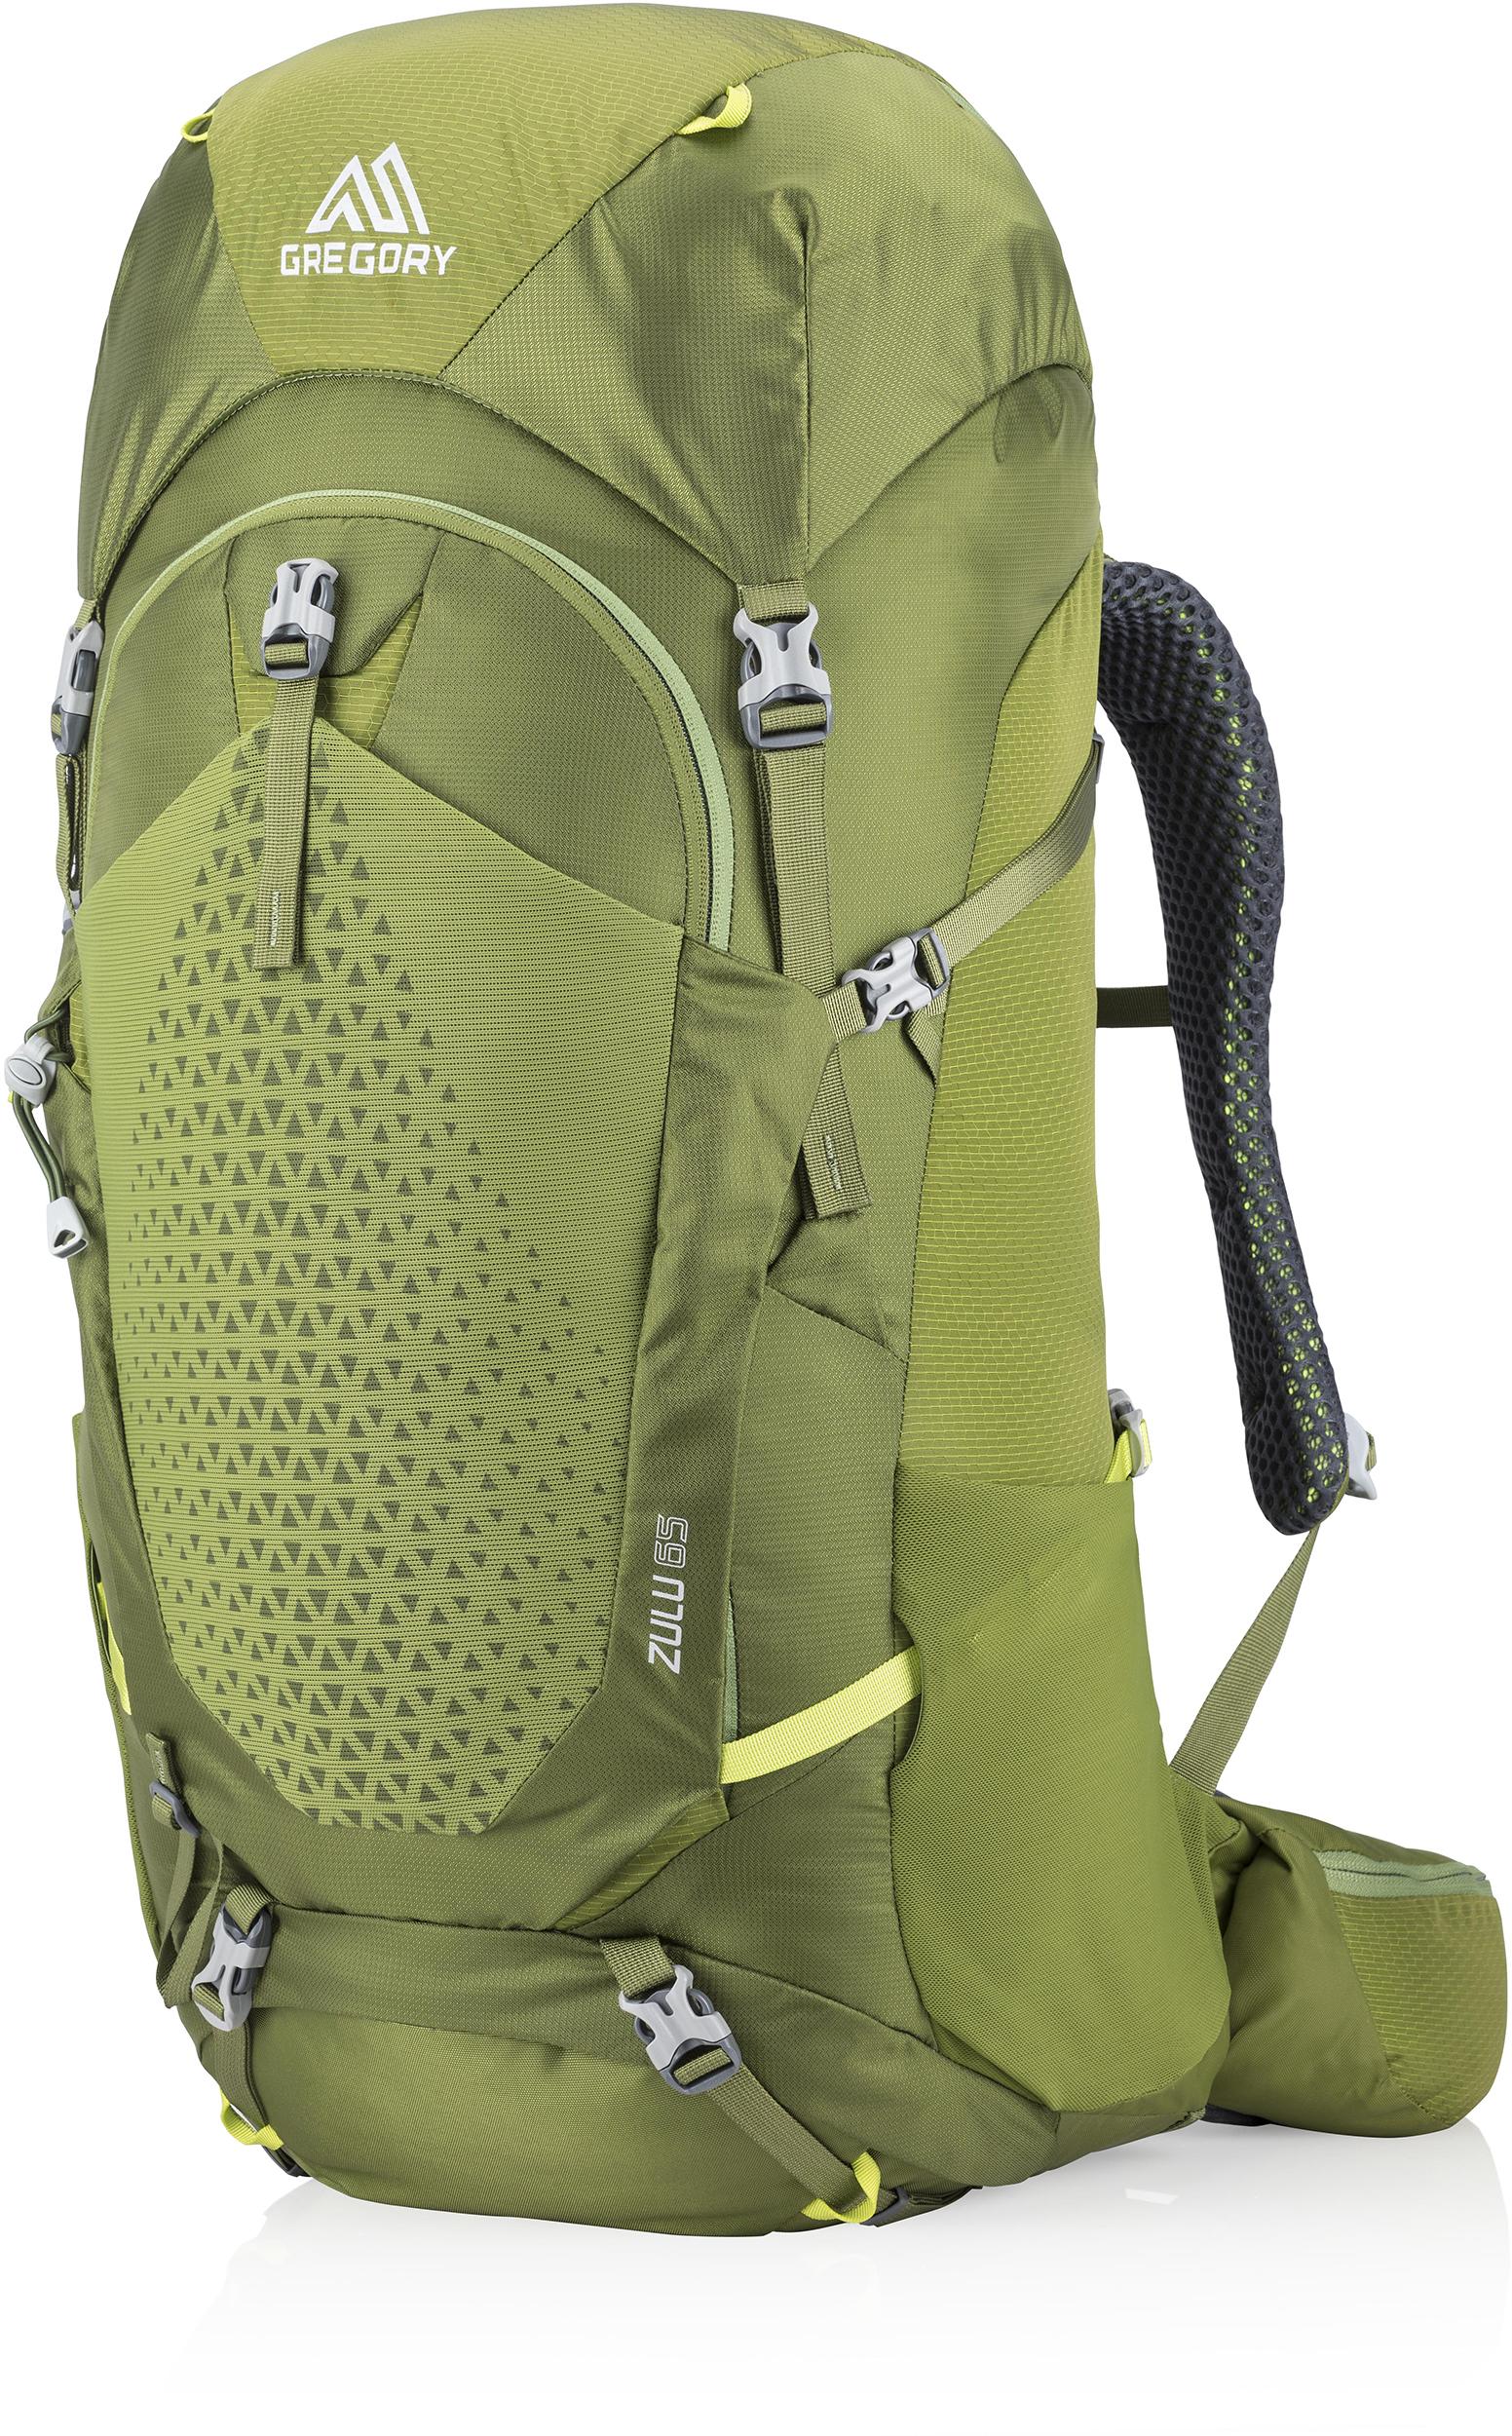 fbe82f5c3720 Backpacking packs | MEC